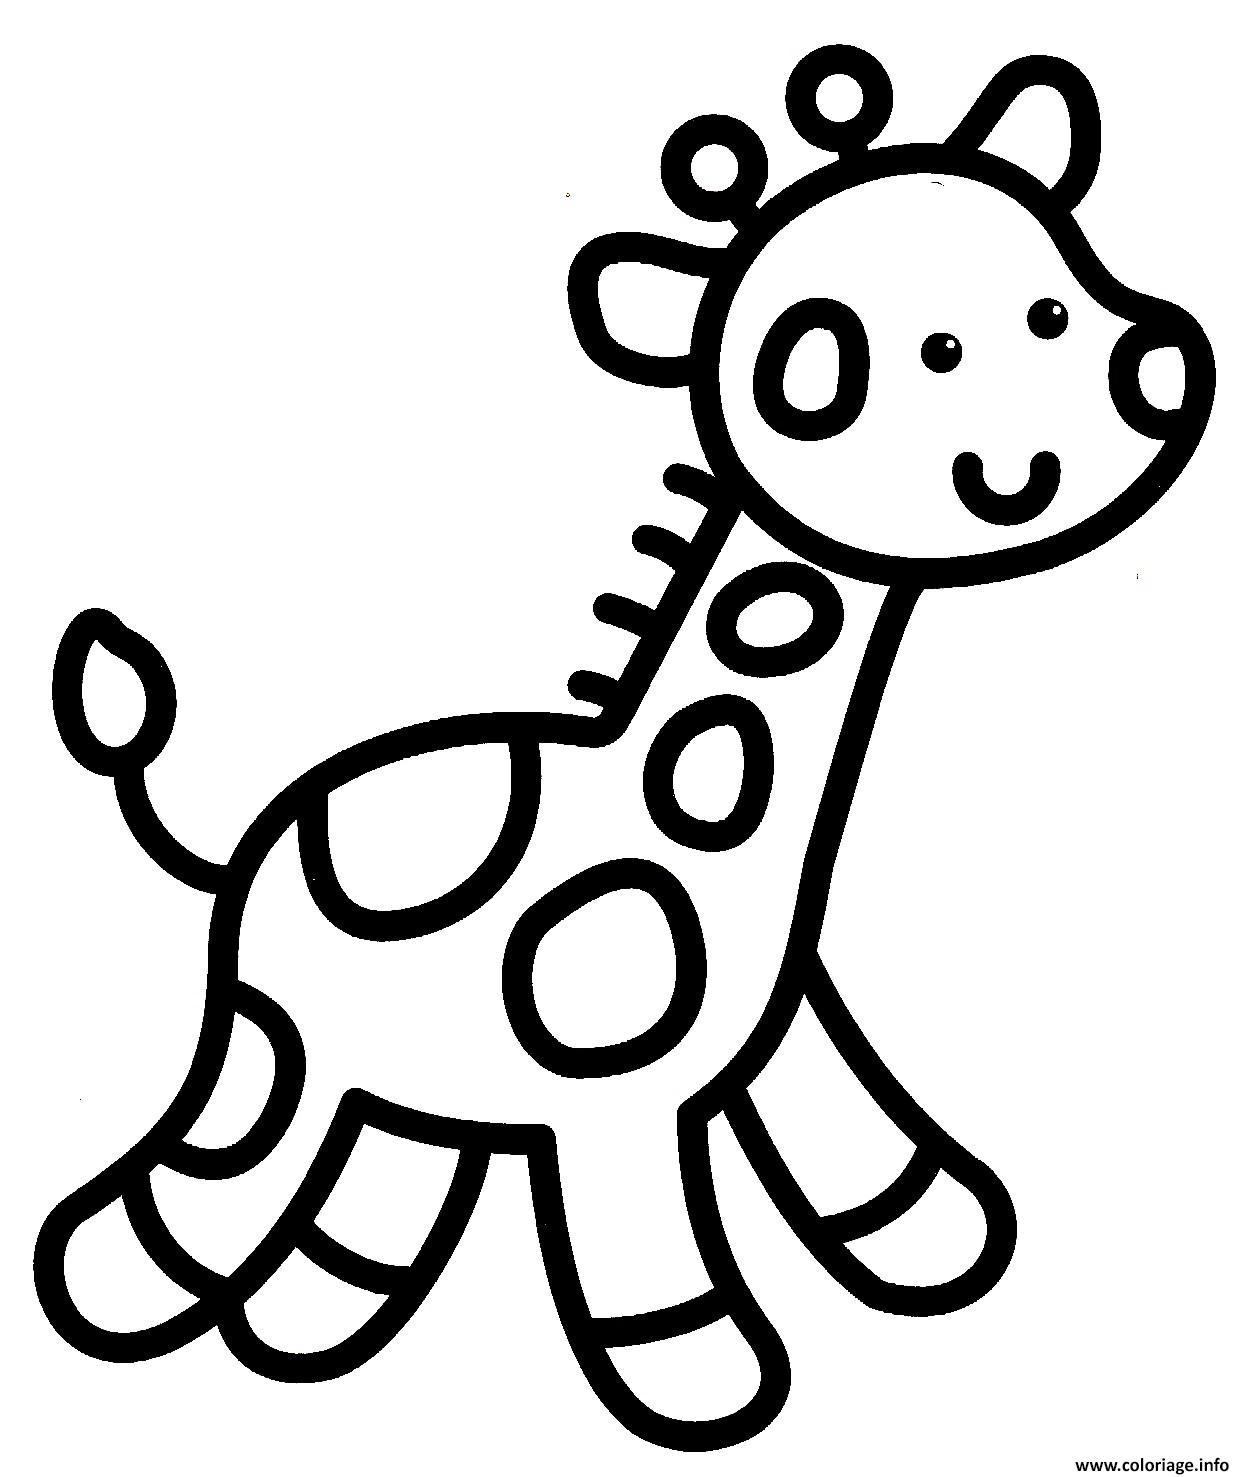 Assez Coloriage giraffe facile enfant maternelle - JeColorie.com HP91